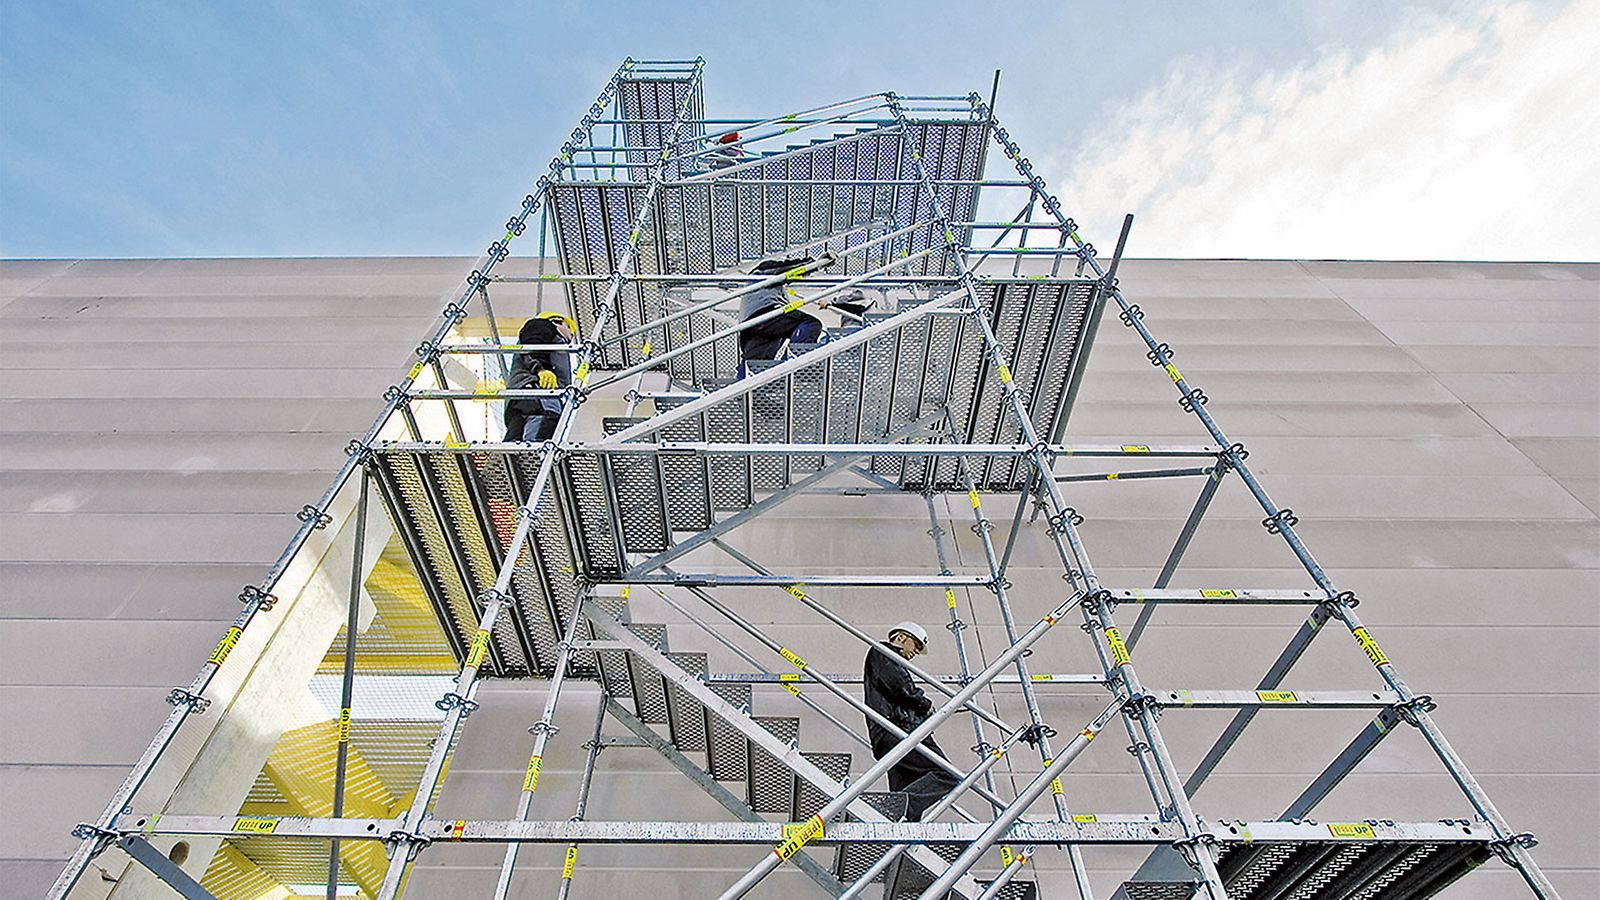 Zugänge für Baustelle, Industrie und den öffentlichen Bereich